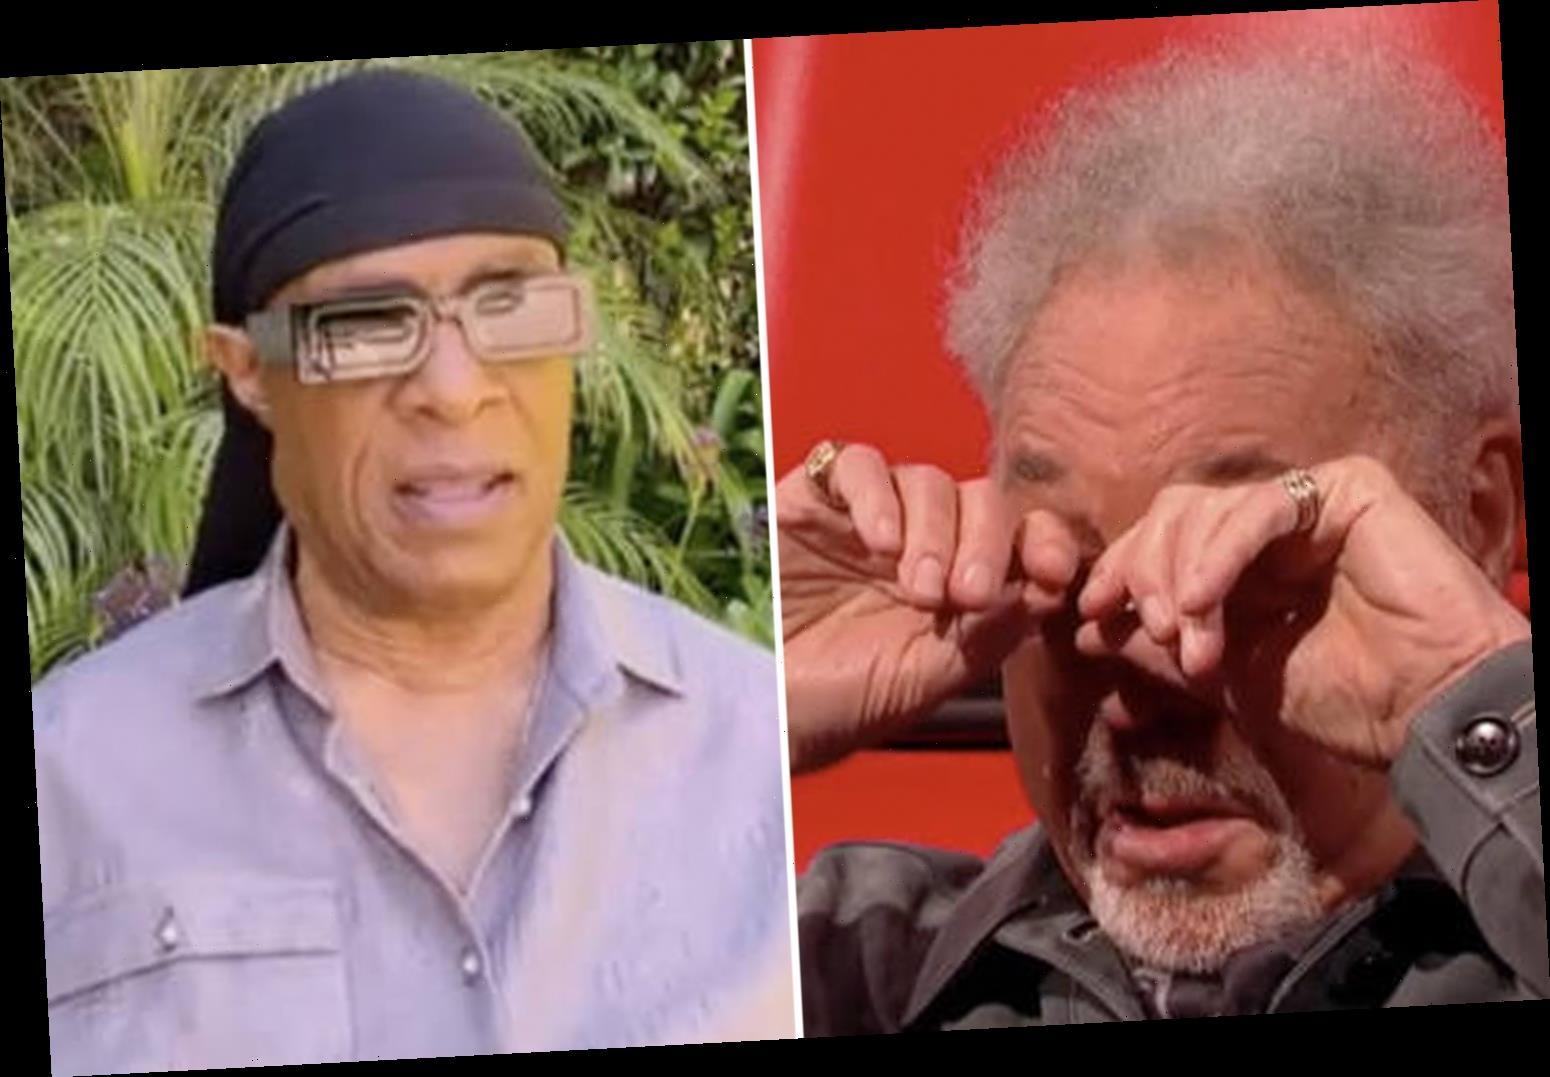 The Voice UK's Sir Tom Jones breaks down in tears as Stevie Wonder surprises him with heartfelt birthday message